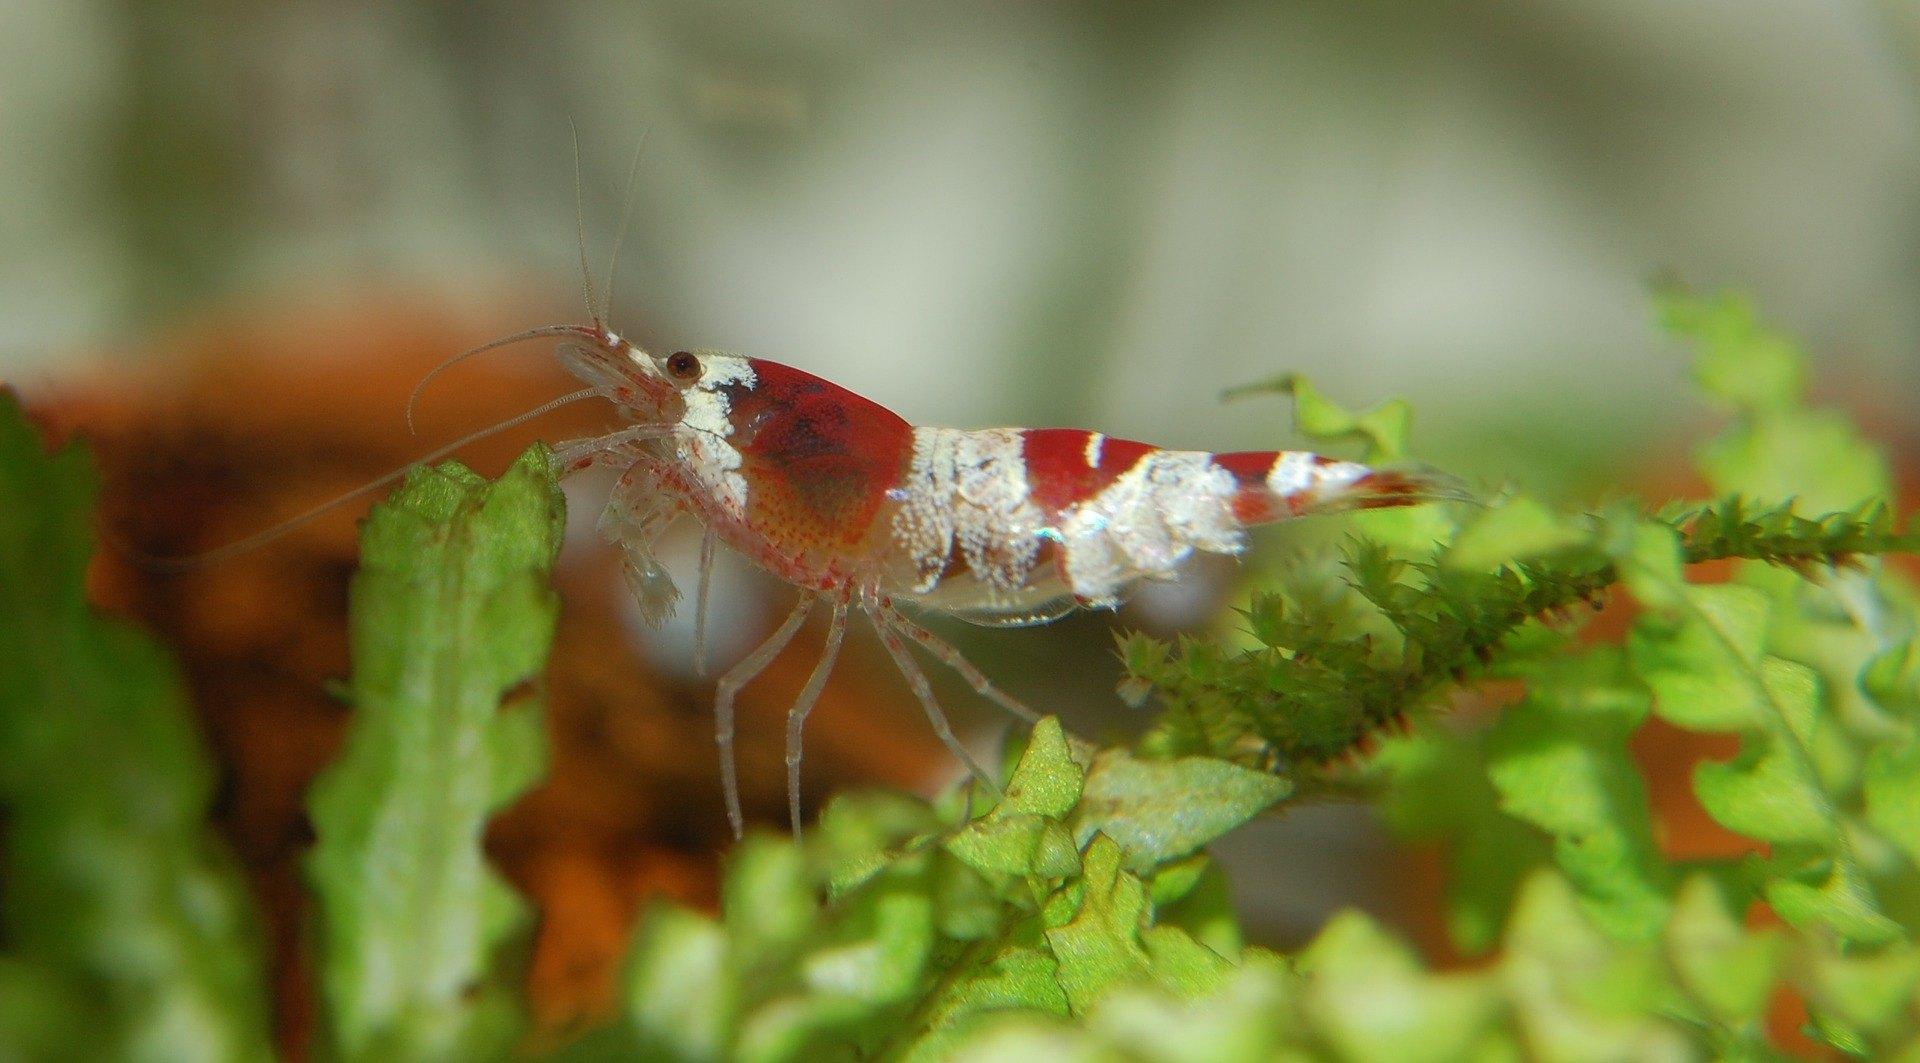 Čo jedia krevety, môžu žiť v súlade s rybami?